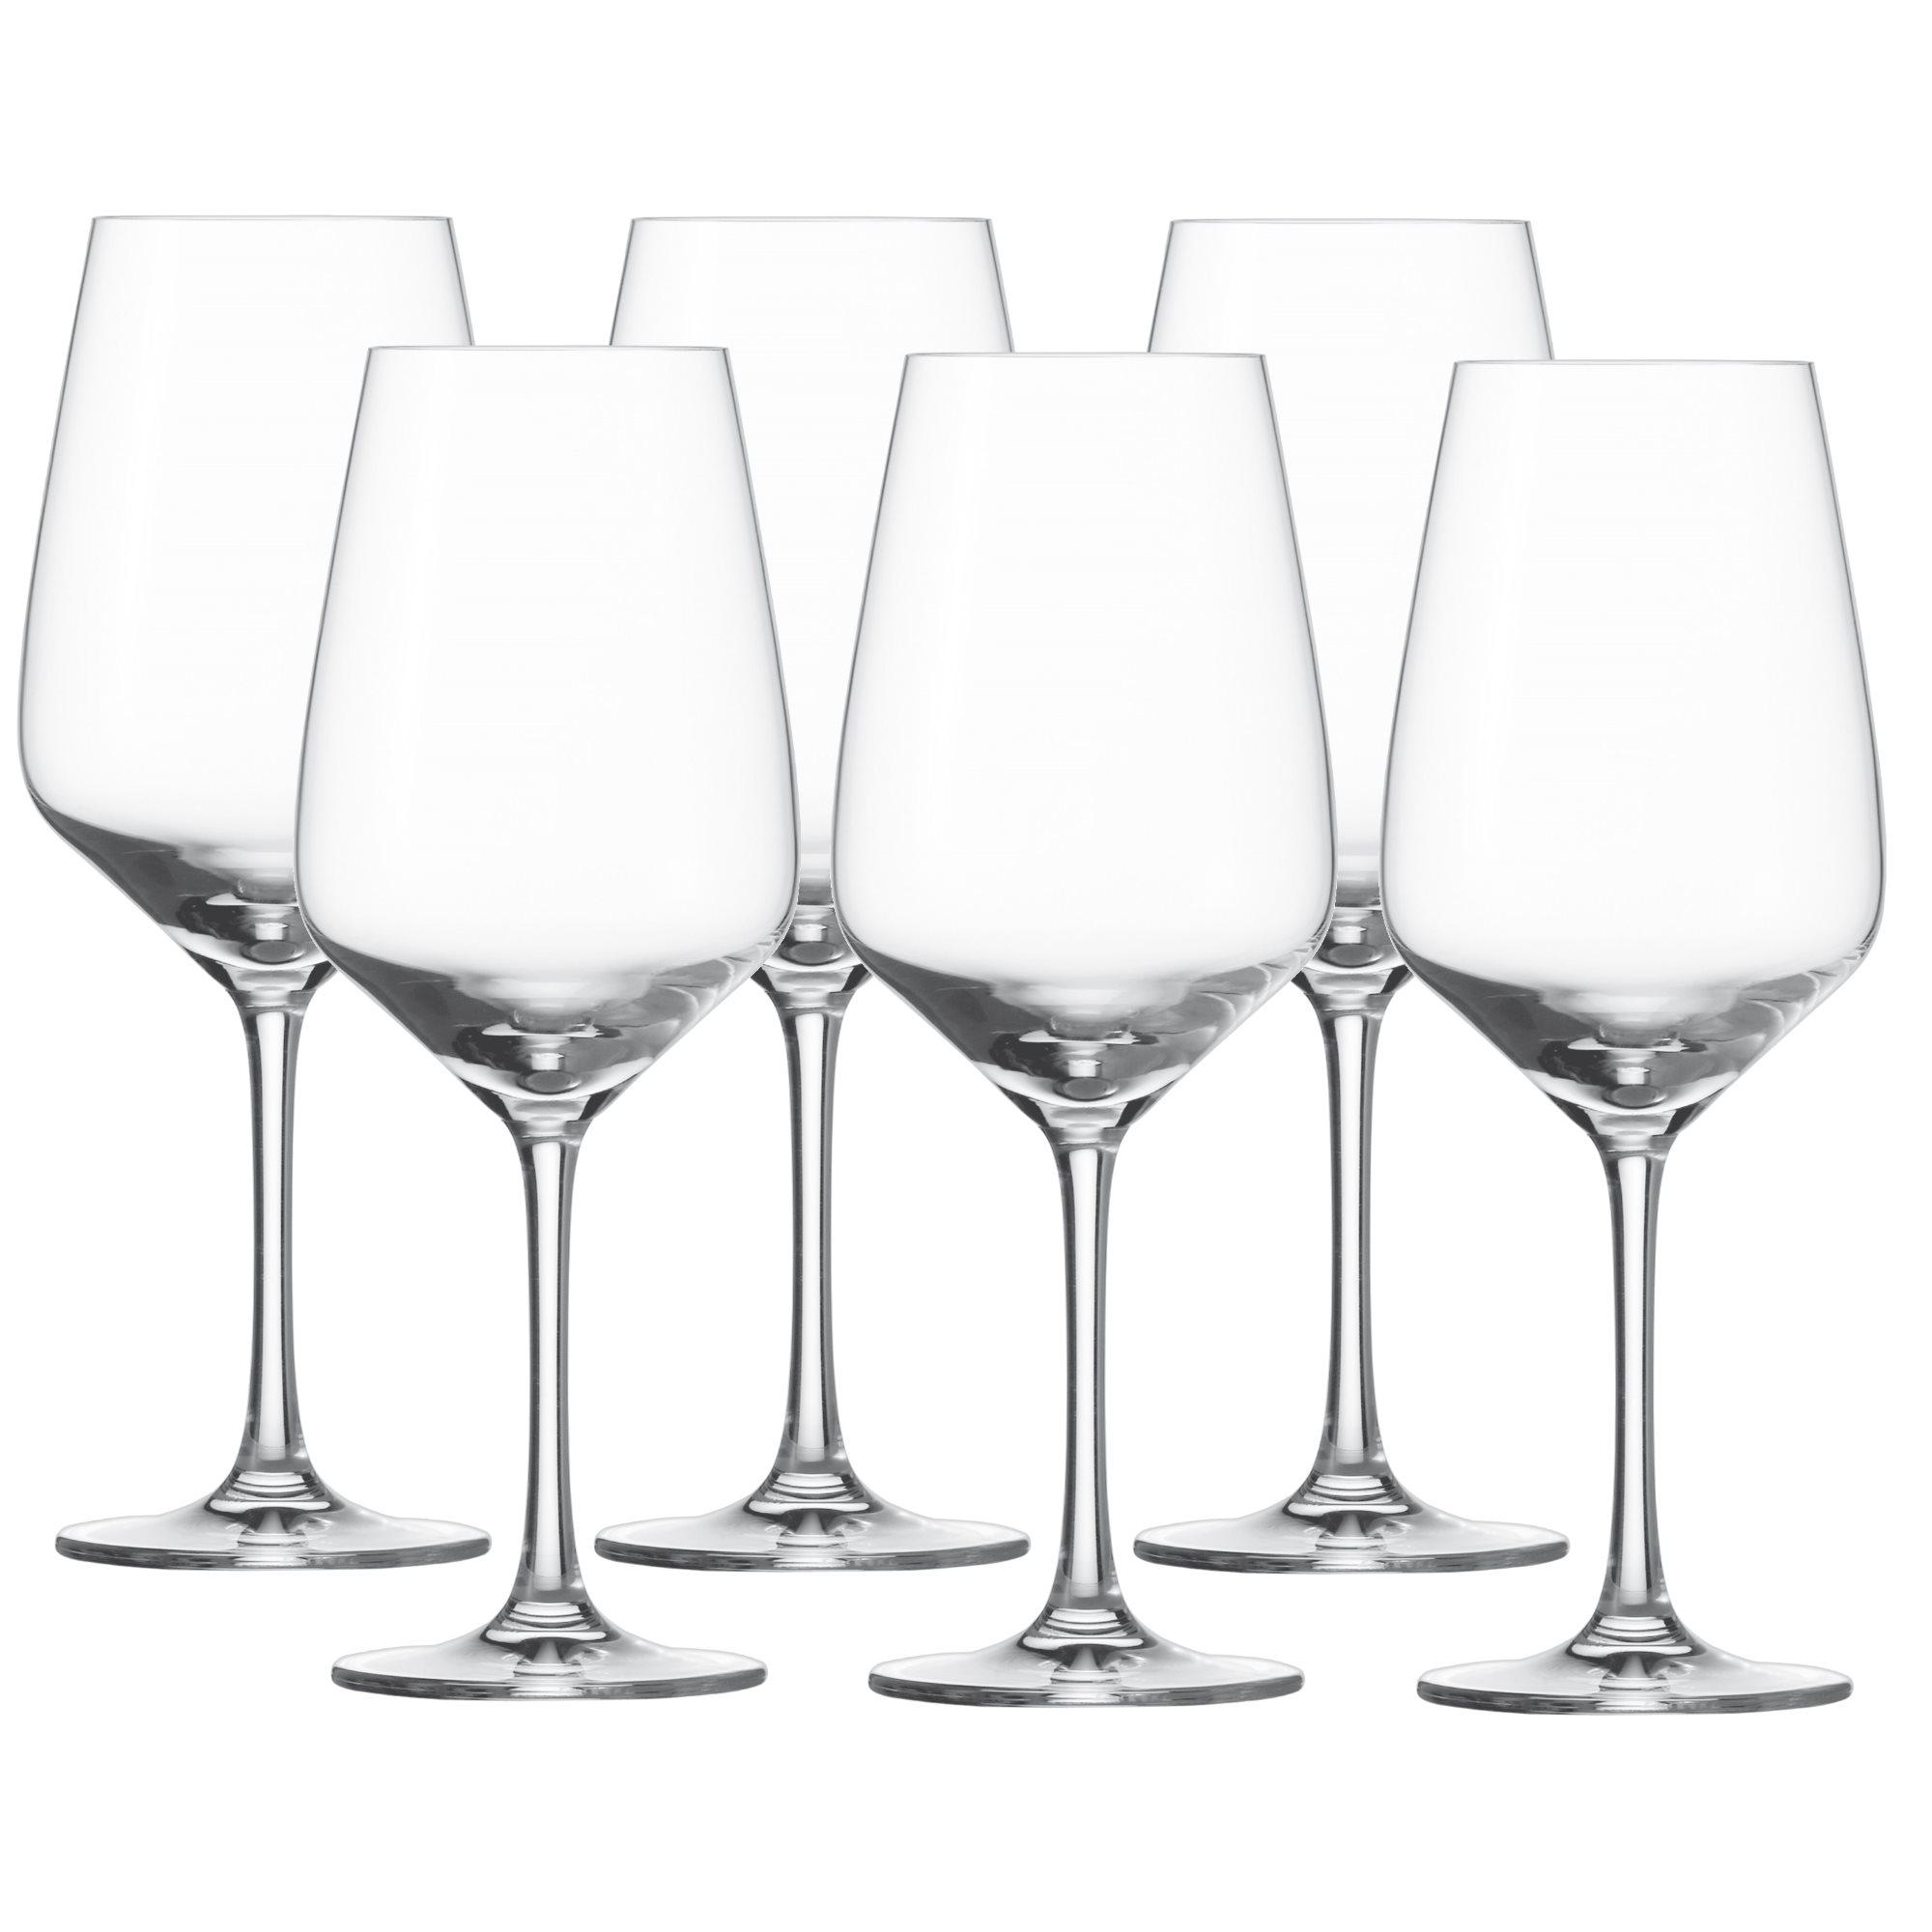 vasos de whisky Schott Zwiesel Basic bar Motion whisky 89 2er set whisky de vidrio